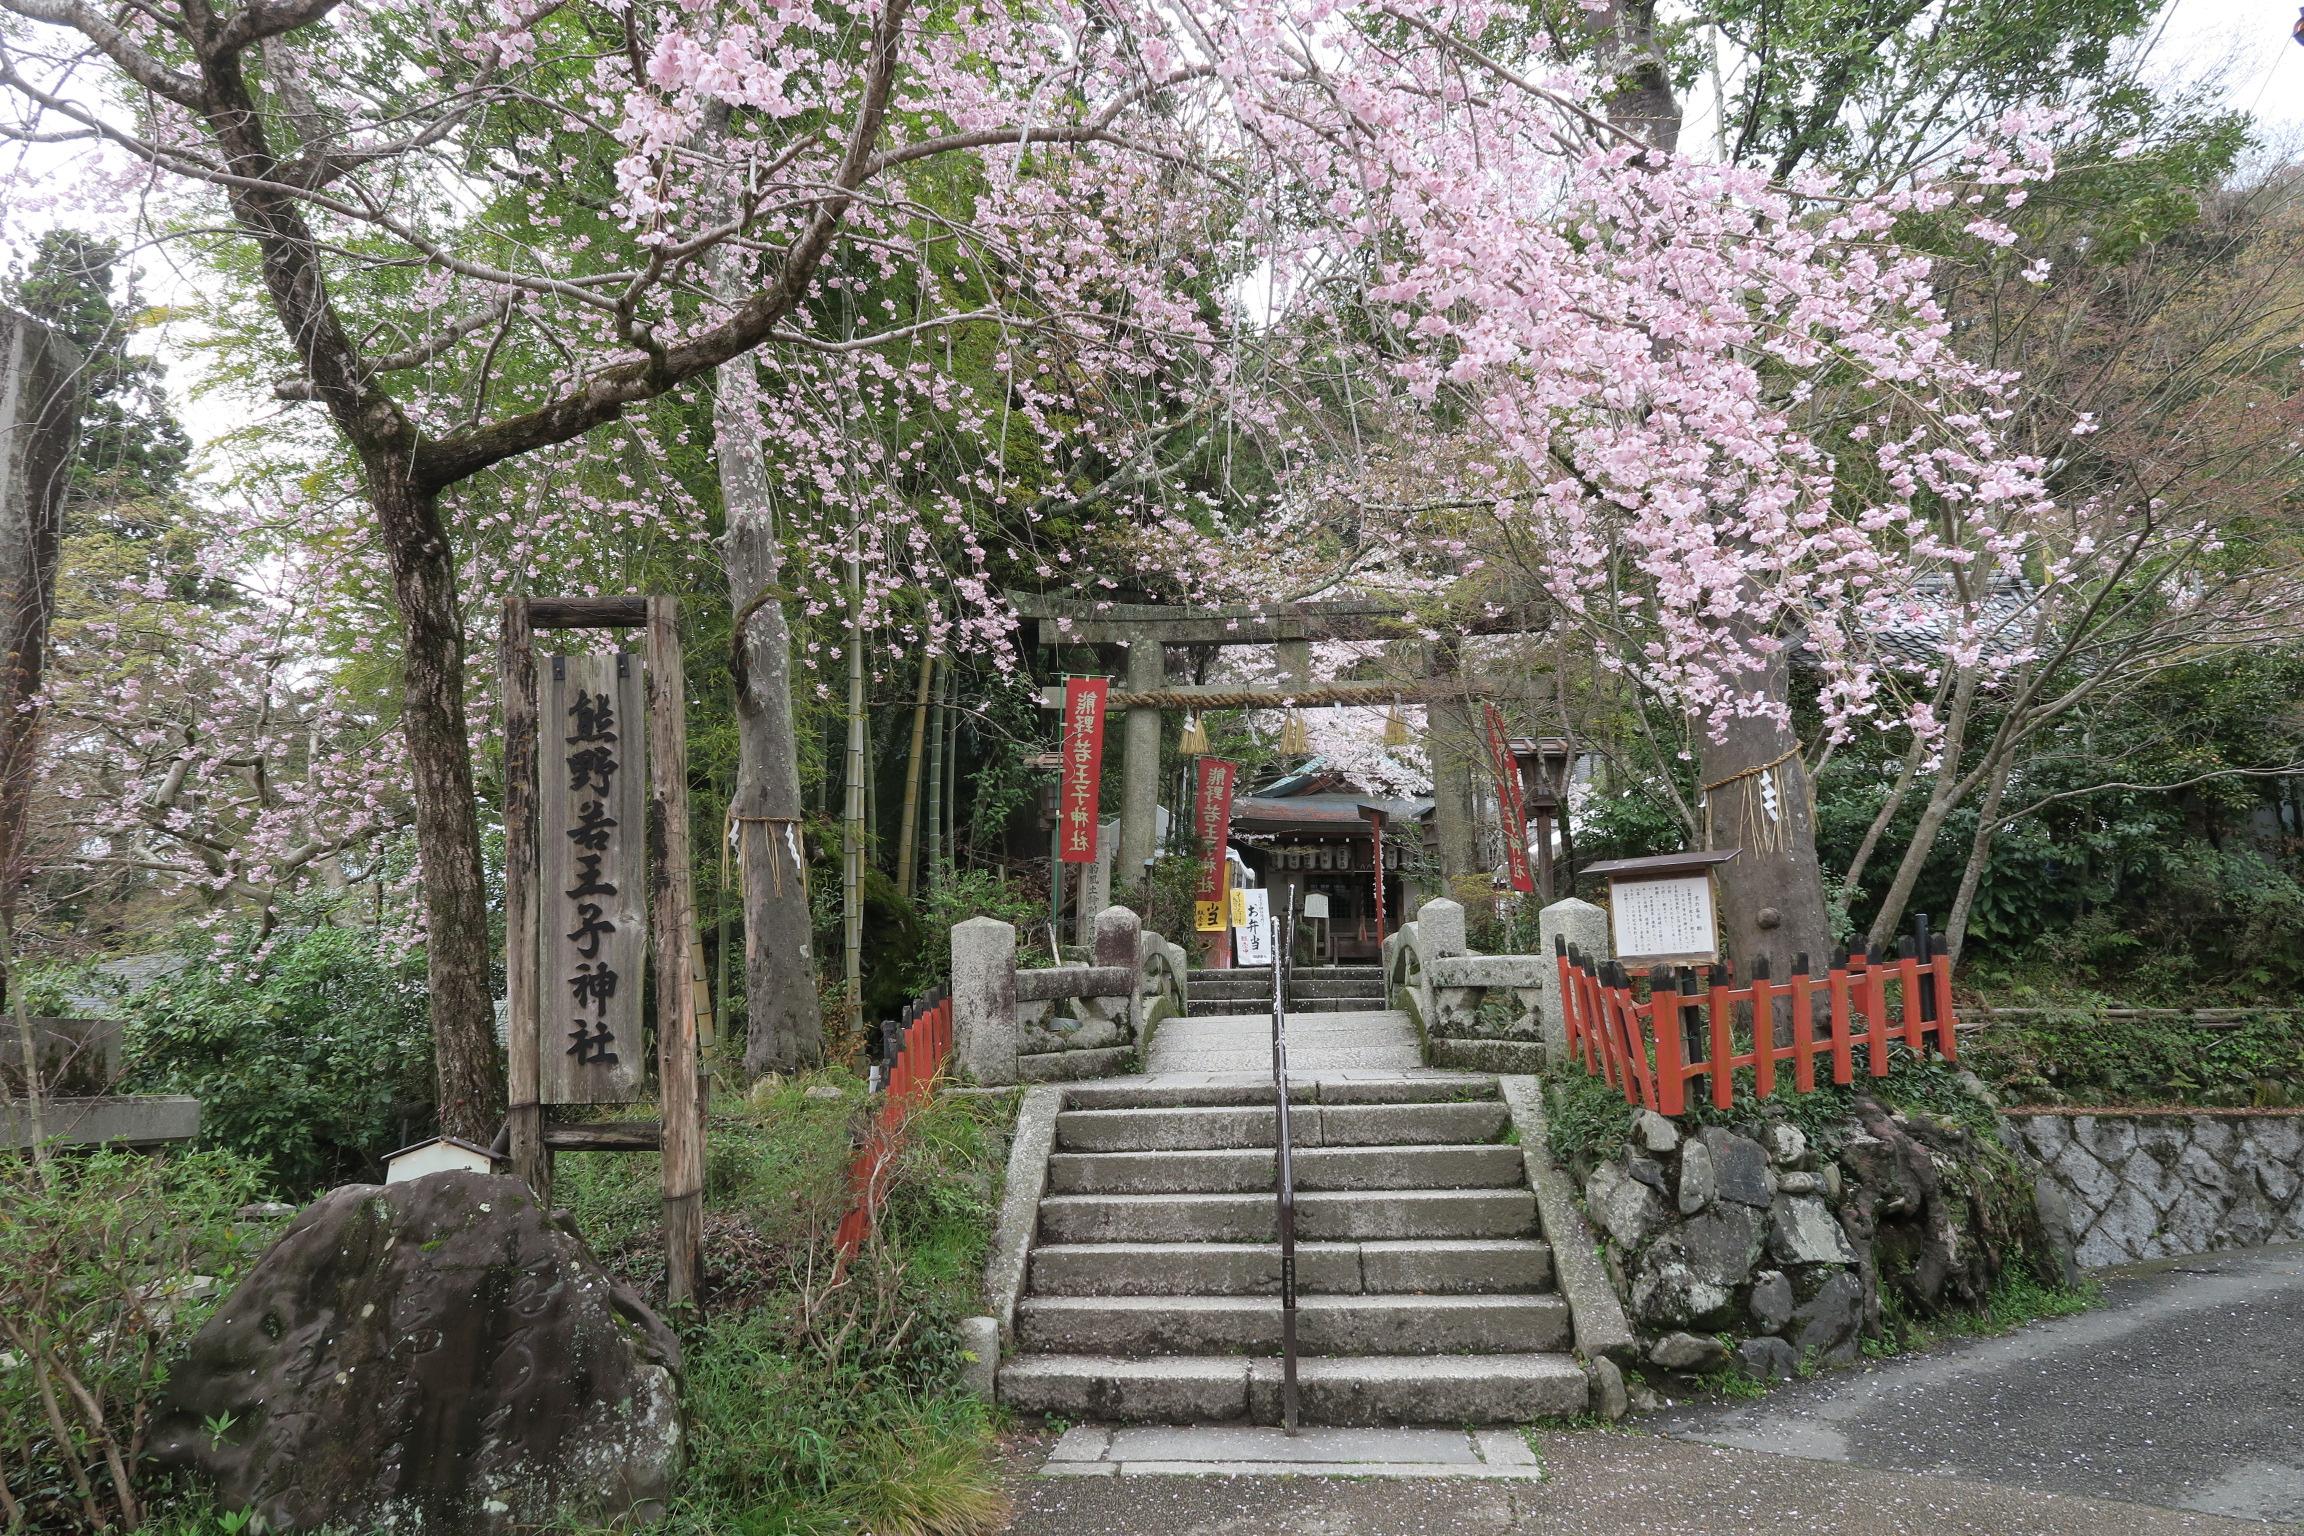 熊野若王子神社。4月の第一日曜日には、10時~10時40分まで桜花祭典が行われ、賑わいます。